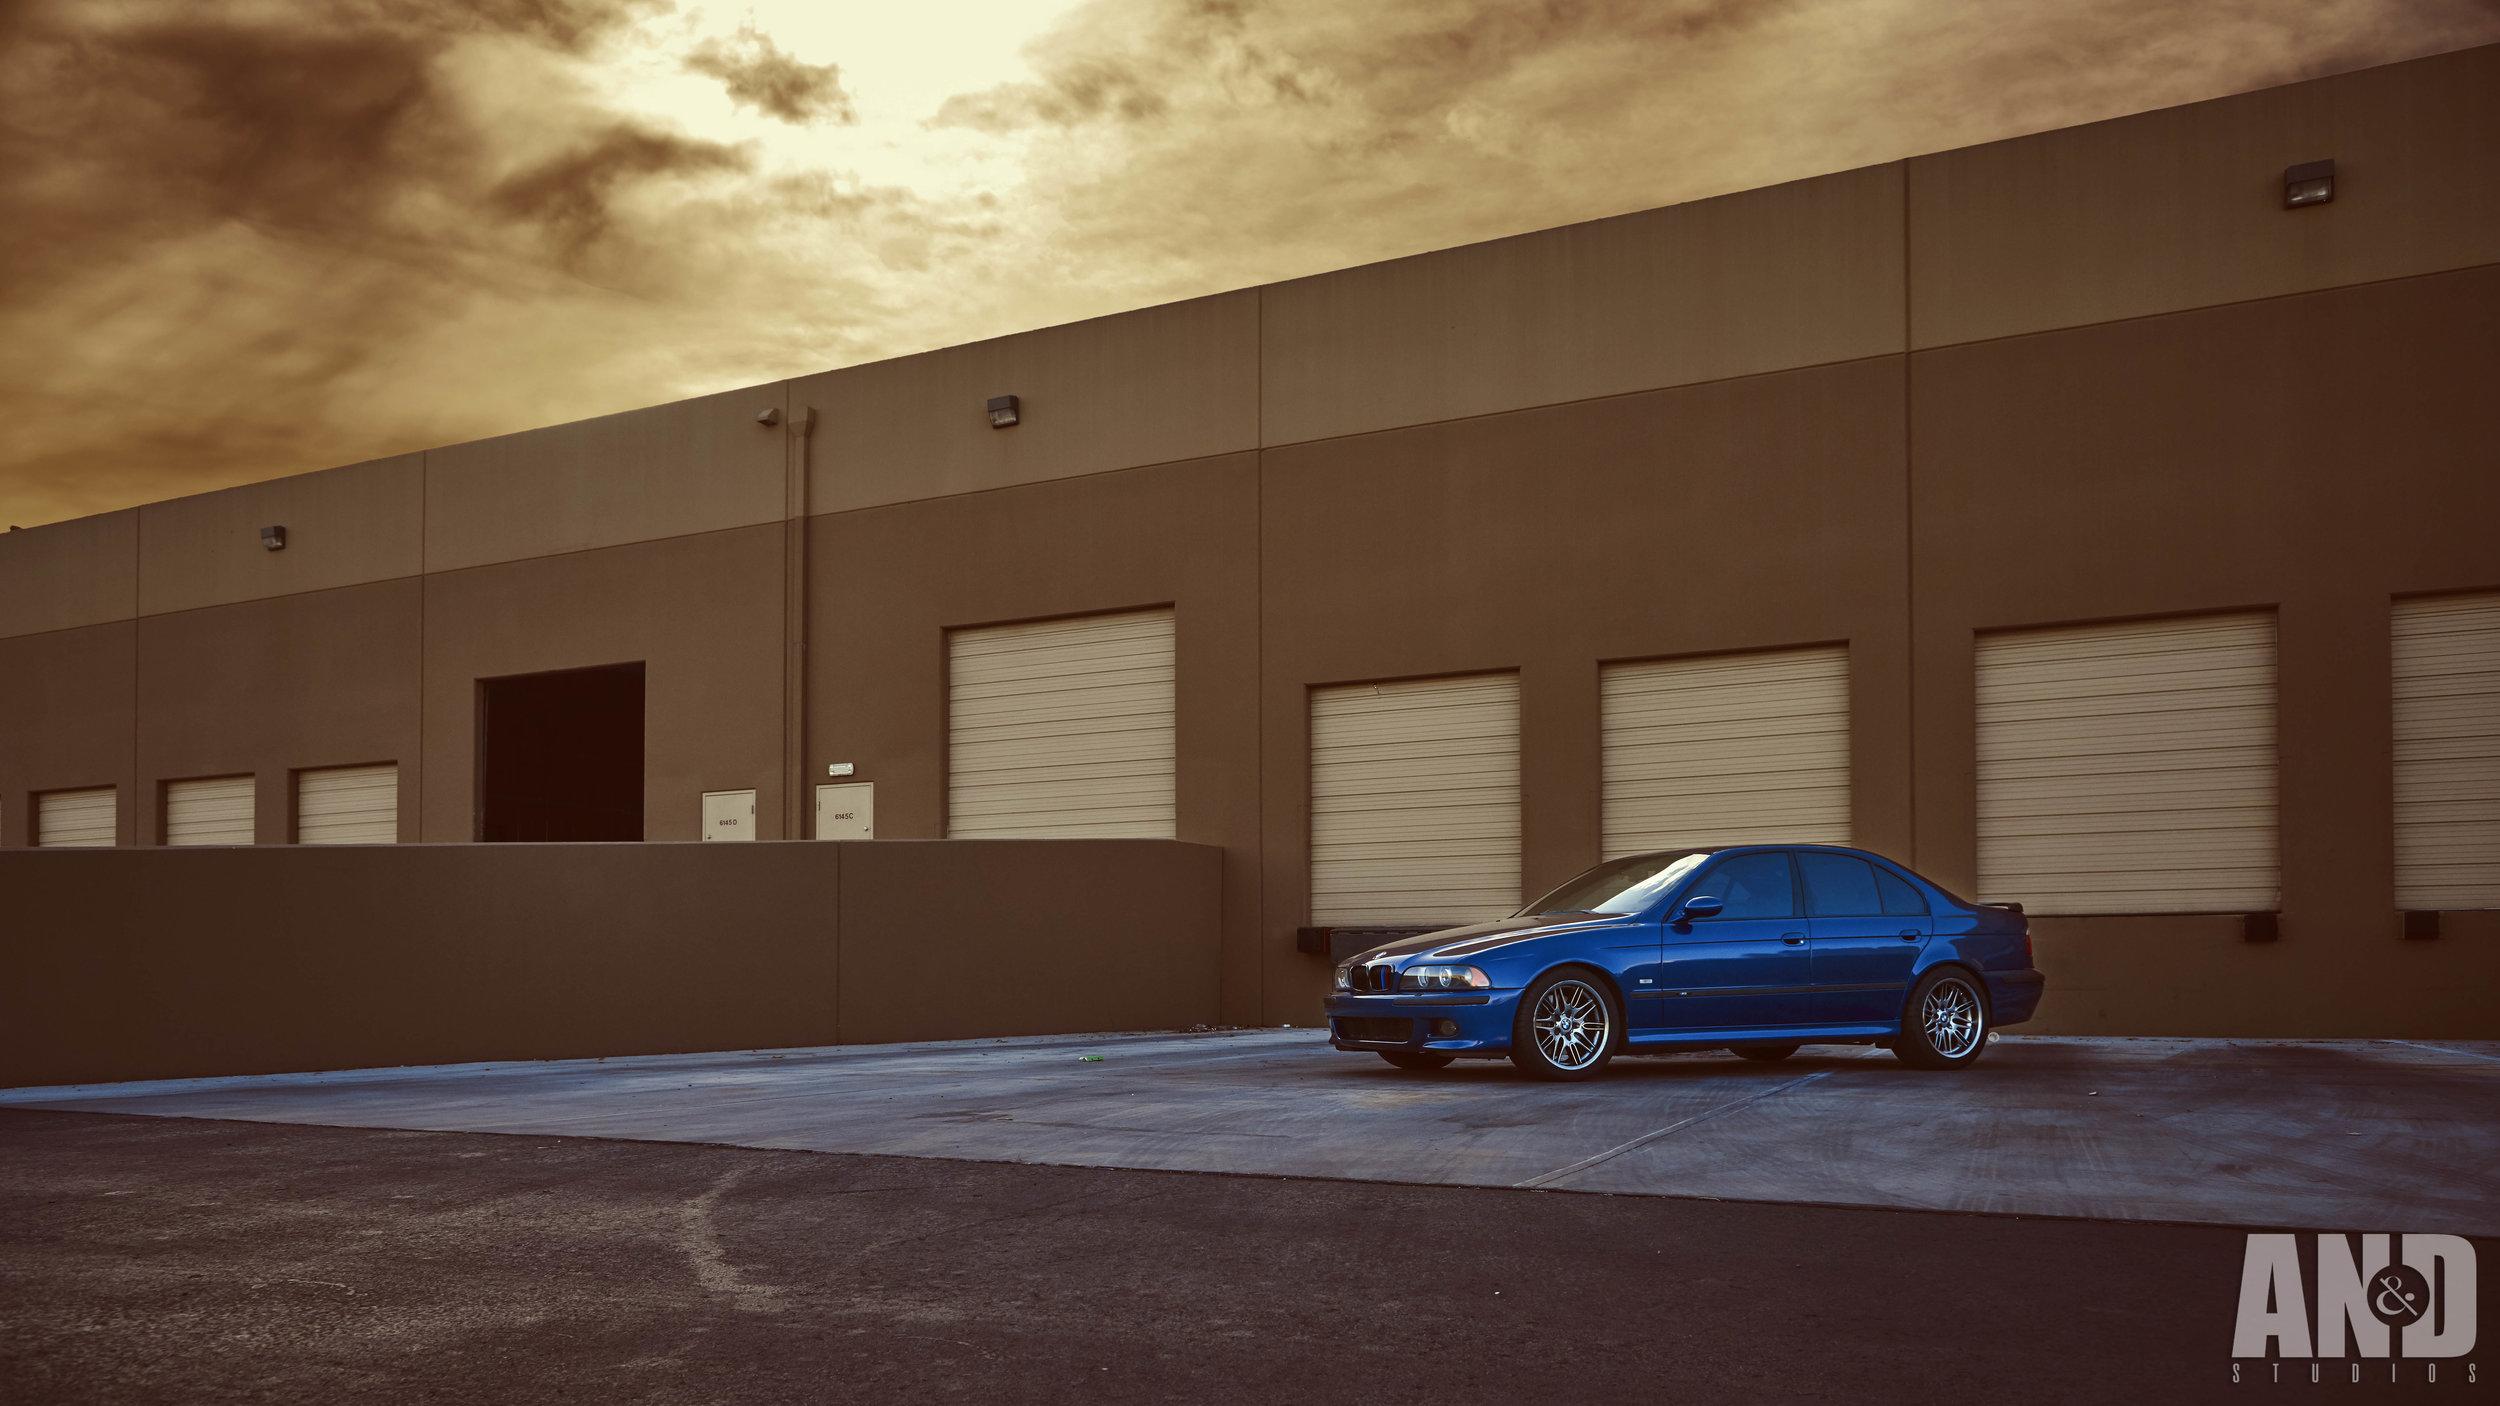 m5_sunset_warehouses4.jpg